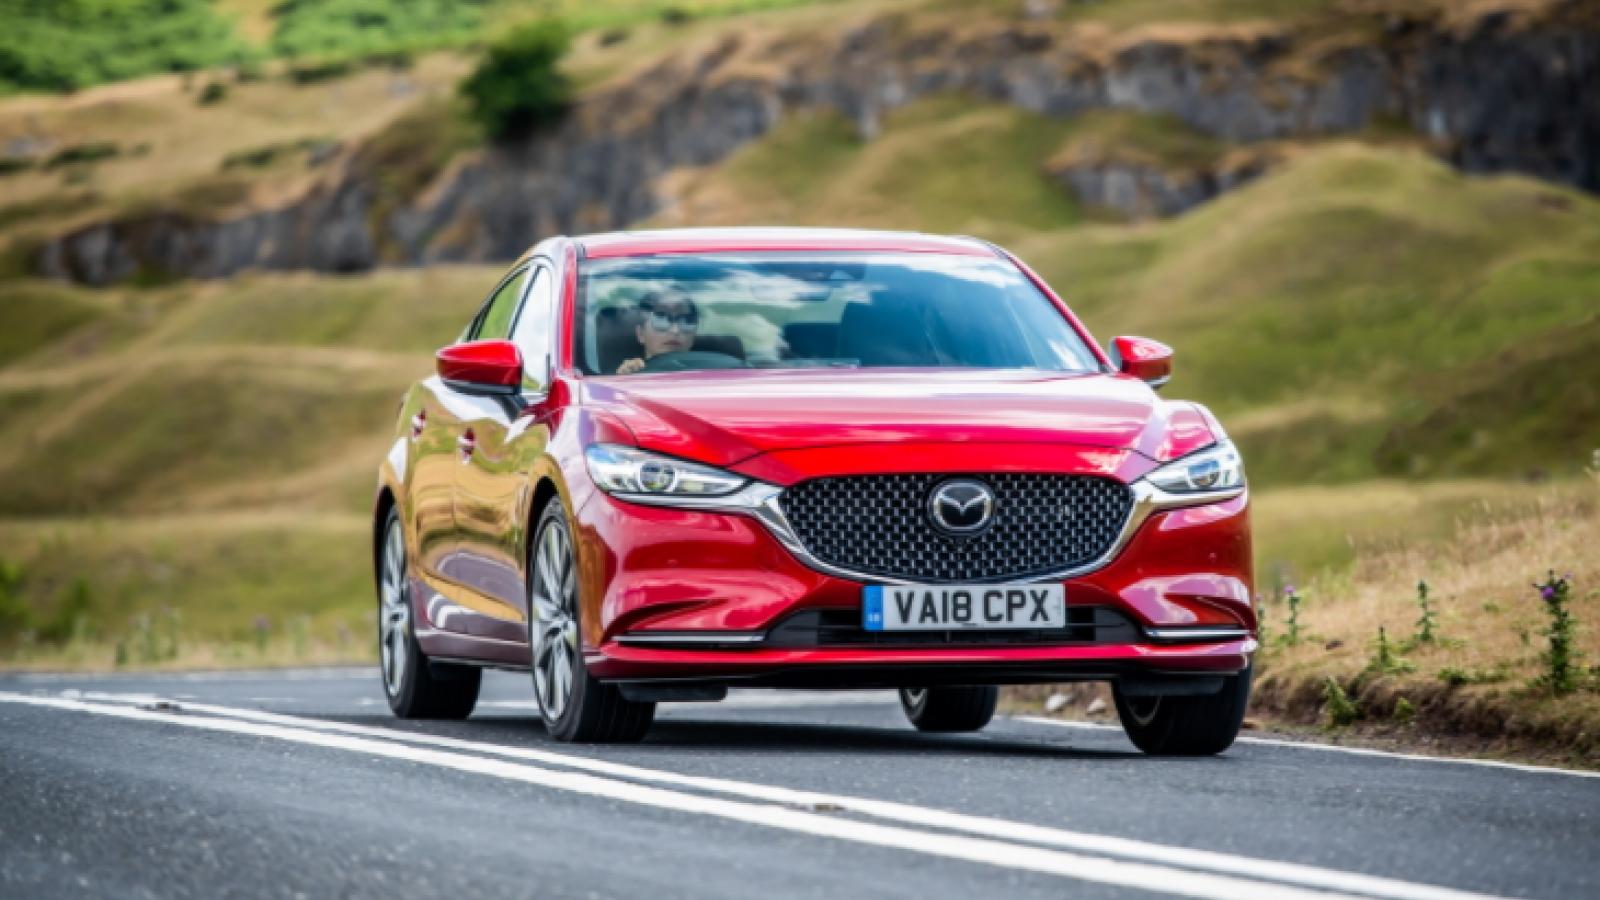 Mazda được vinh danh là nhà sản xuất ô tô đáng tin cậy nhất năm 2020